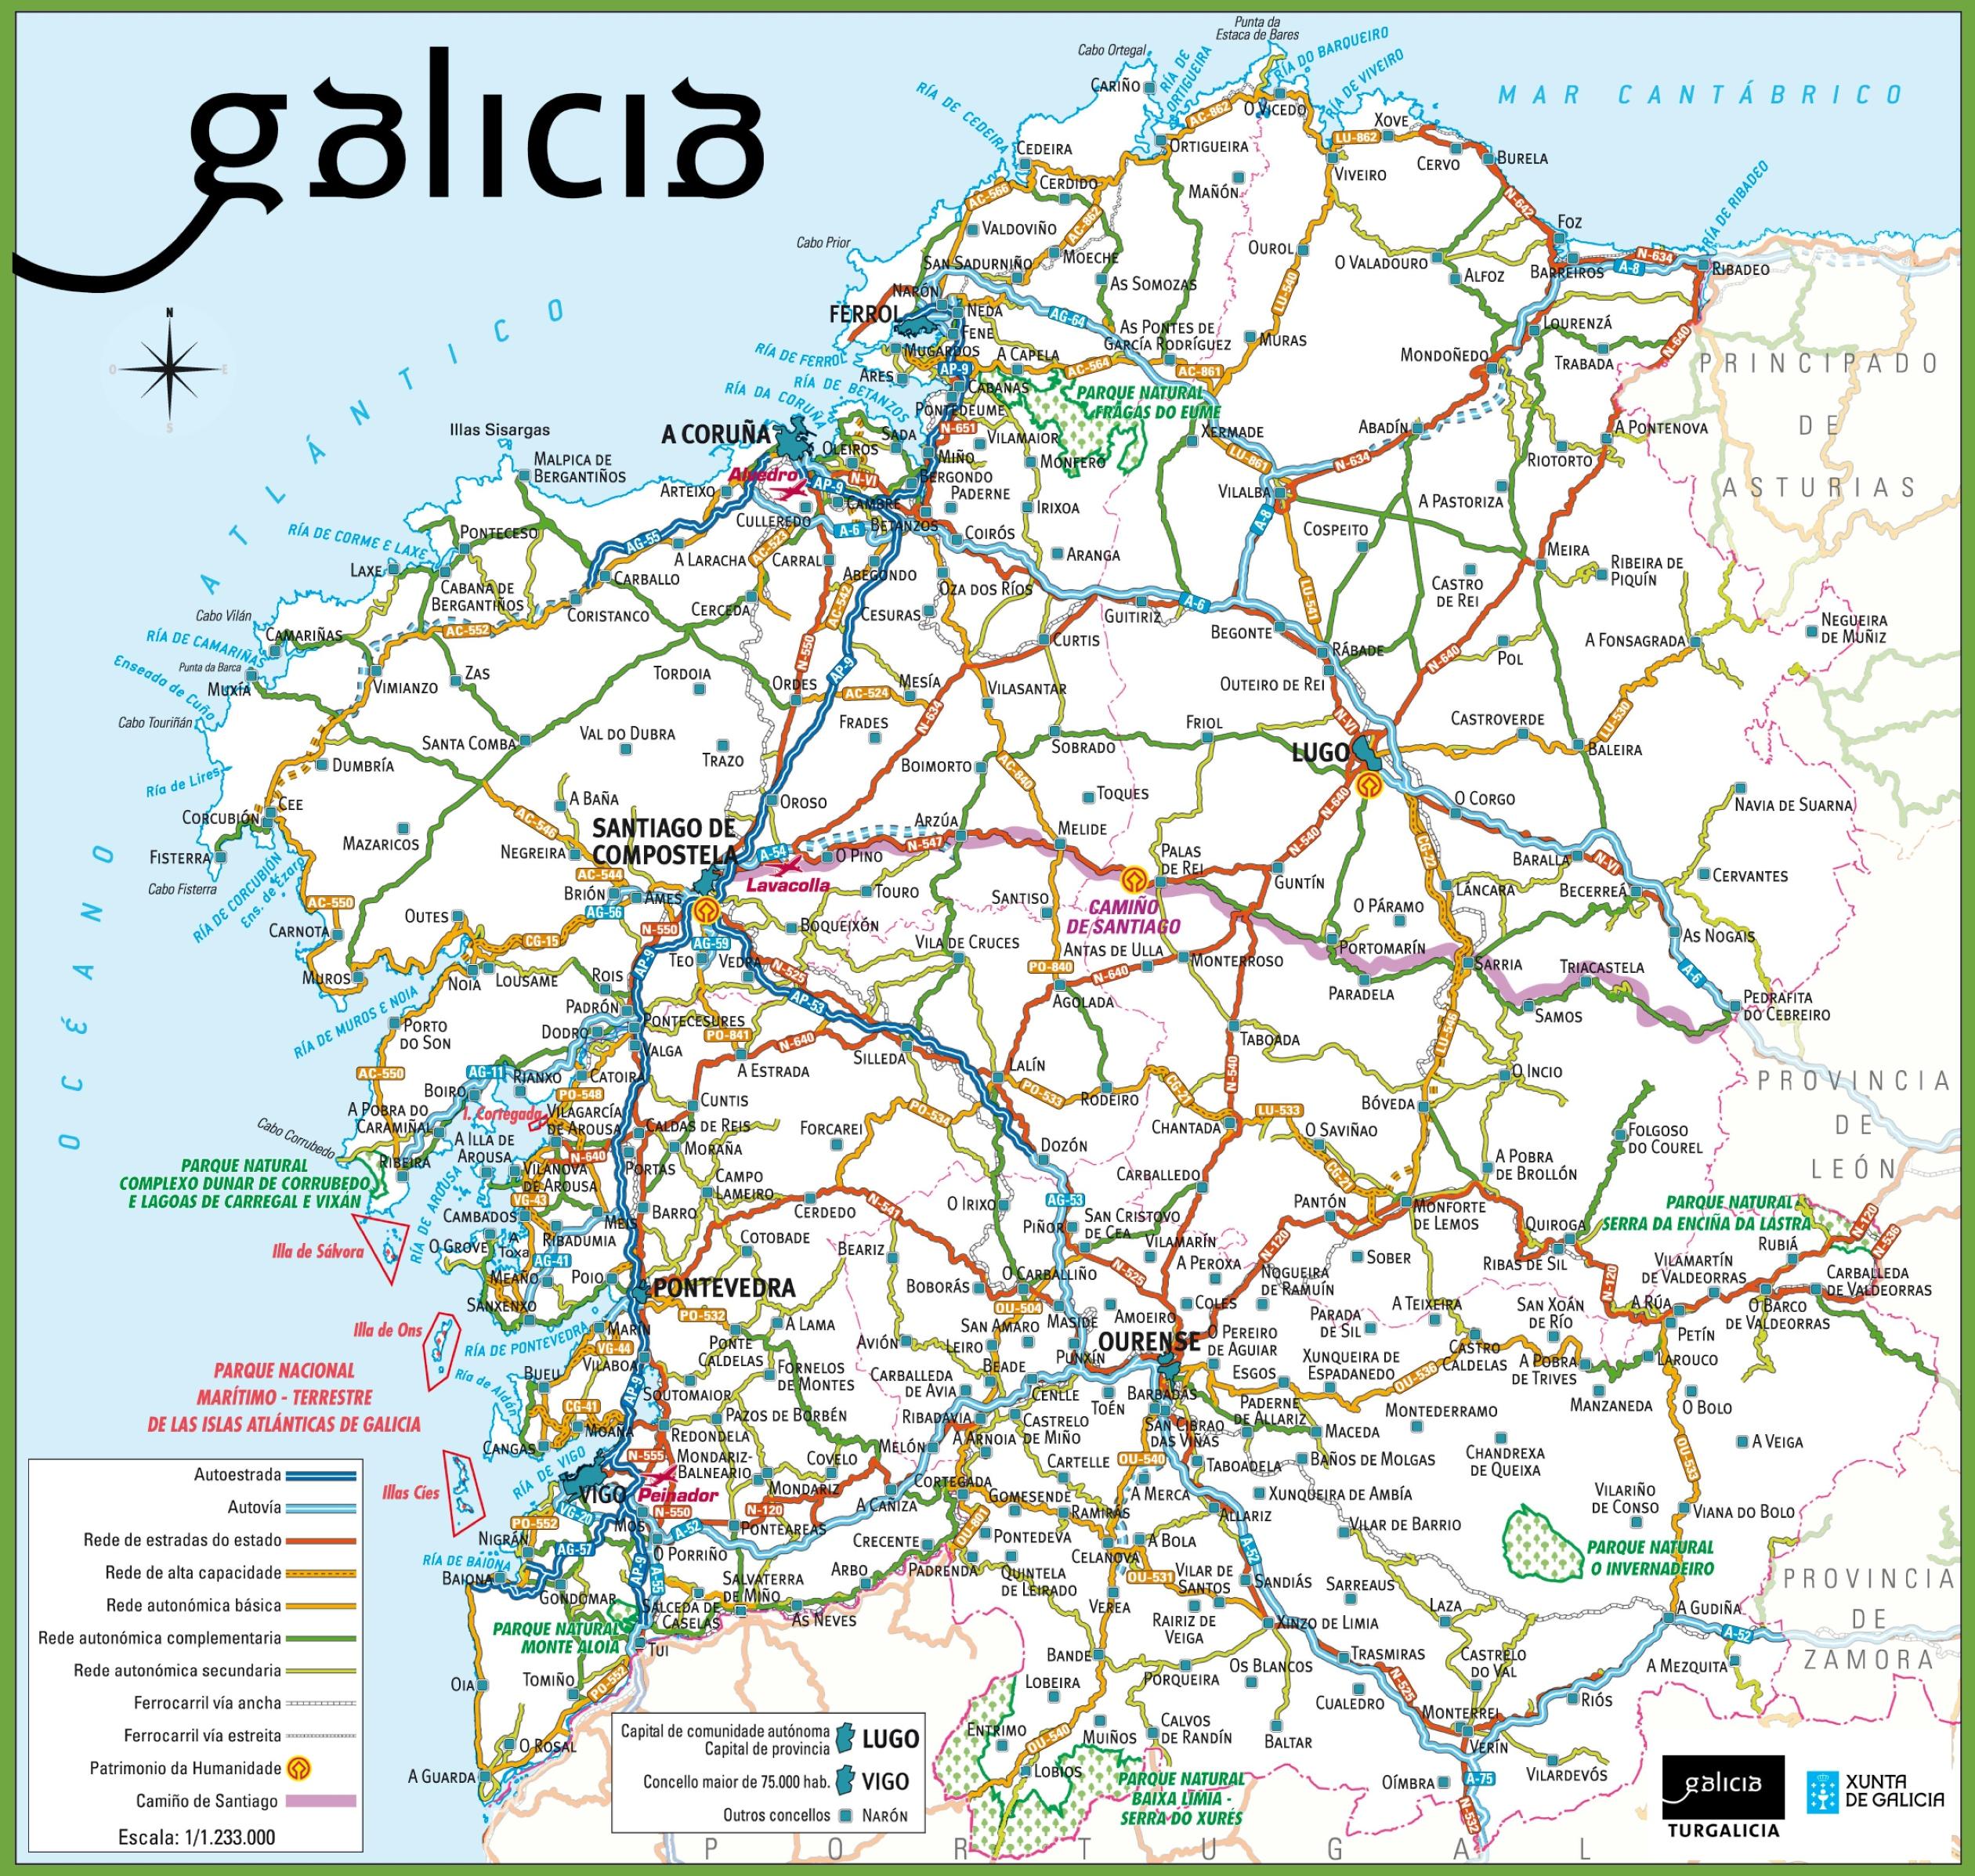 Mapa De Carreteras Galicia.Galicia Carreteras Mapa